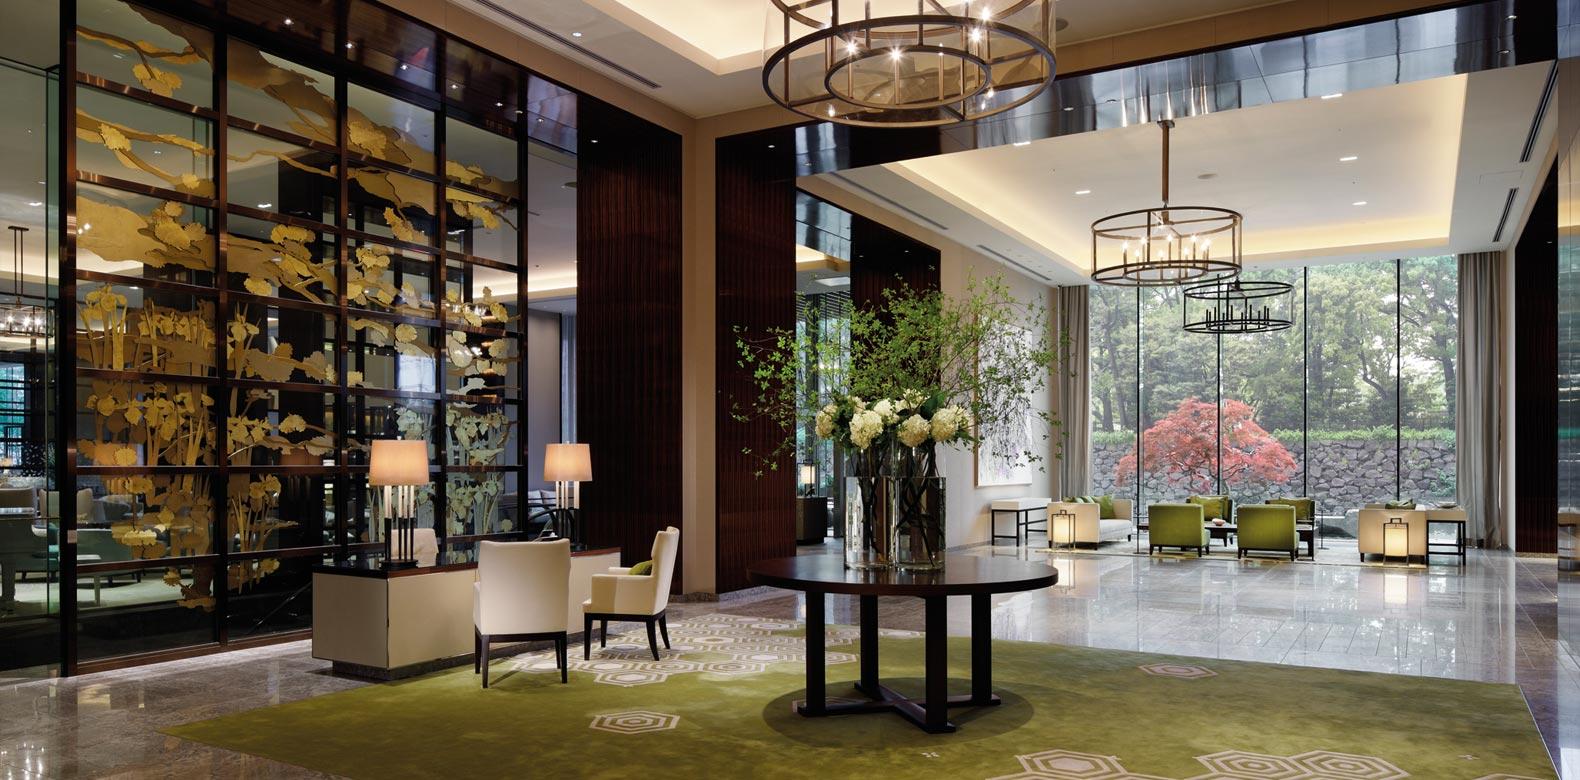 大阪全新酒店今夏開業 米芝蓮星級大廚進駐